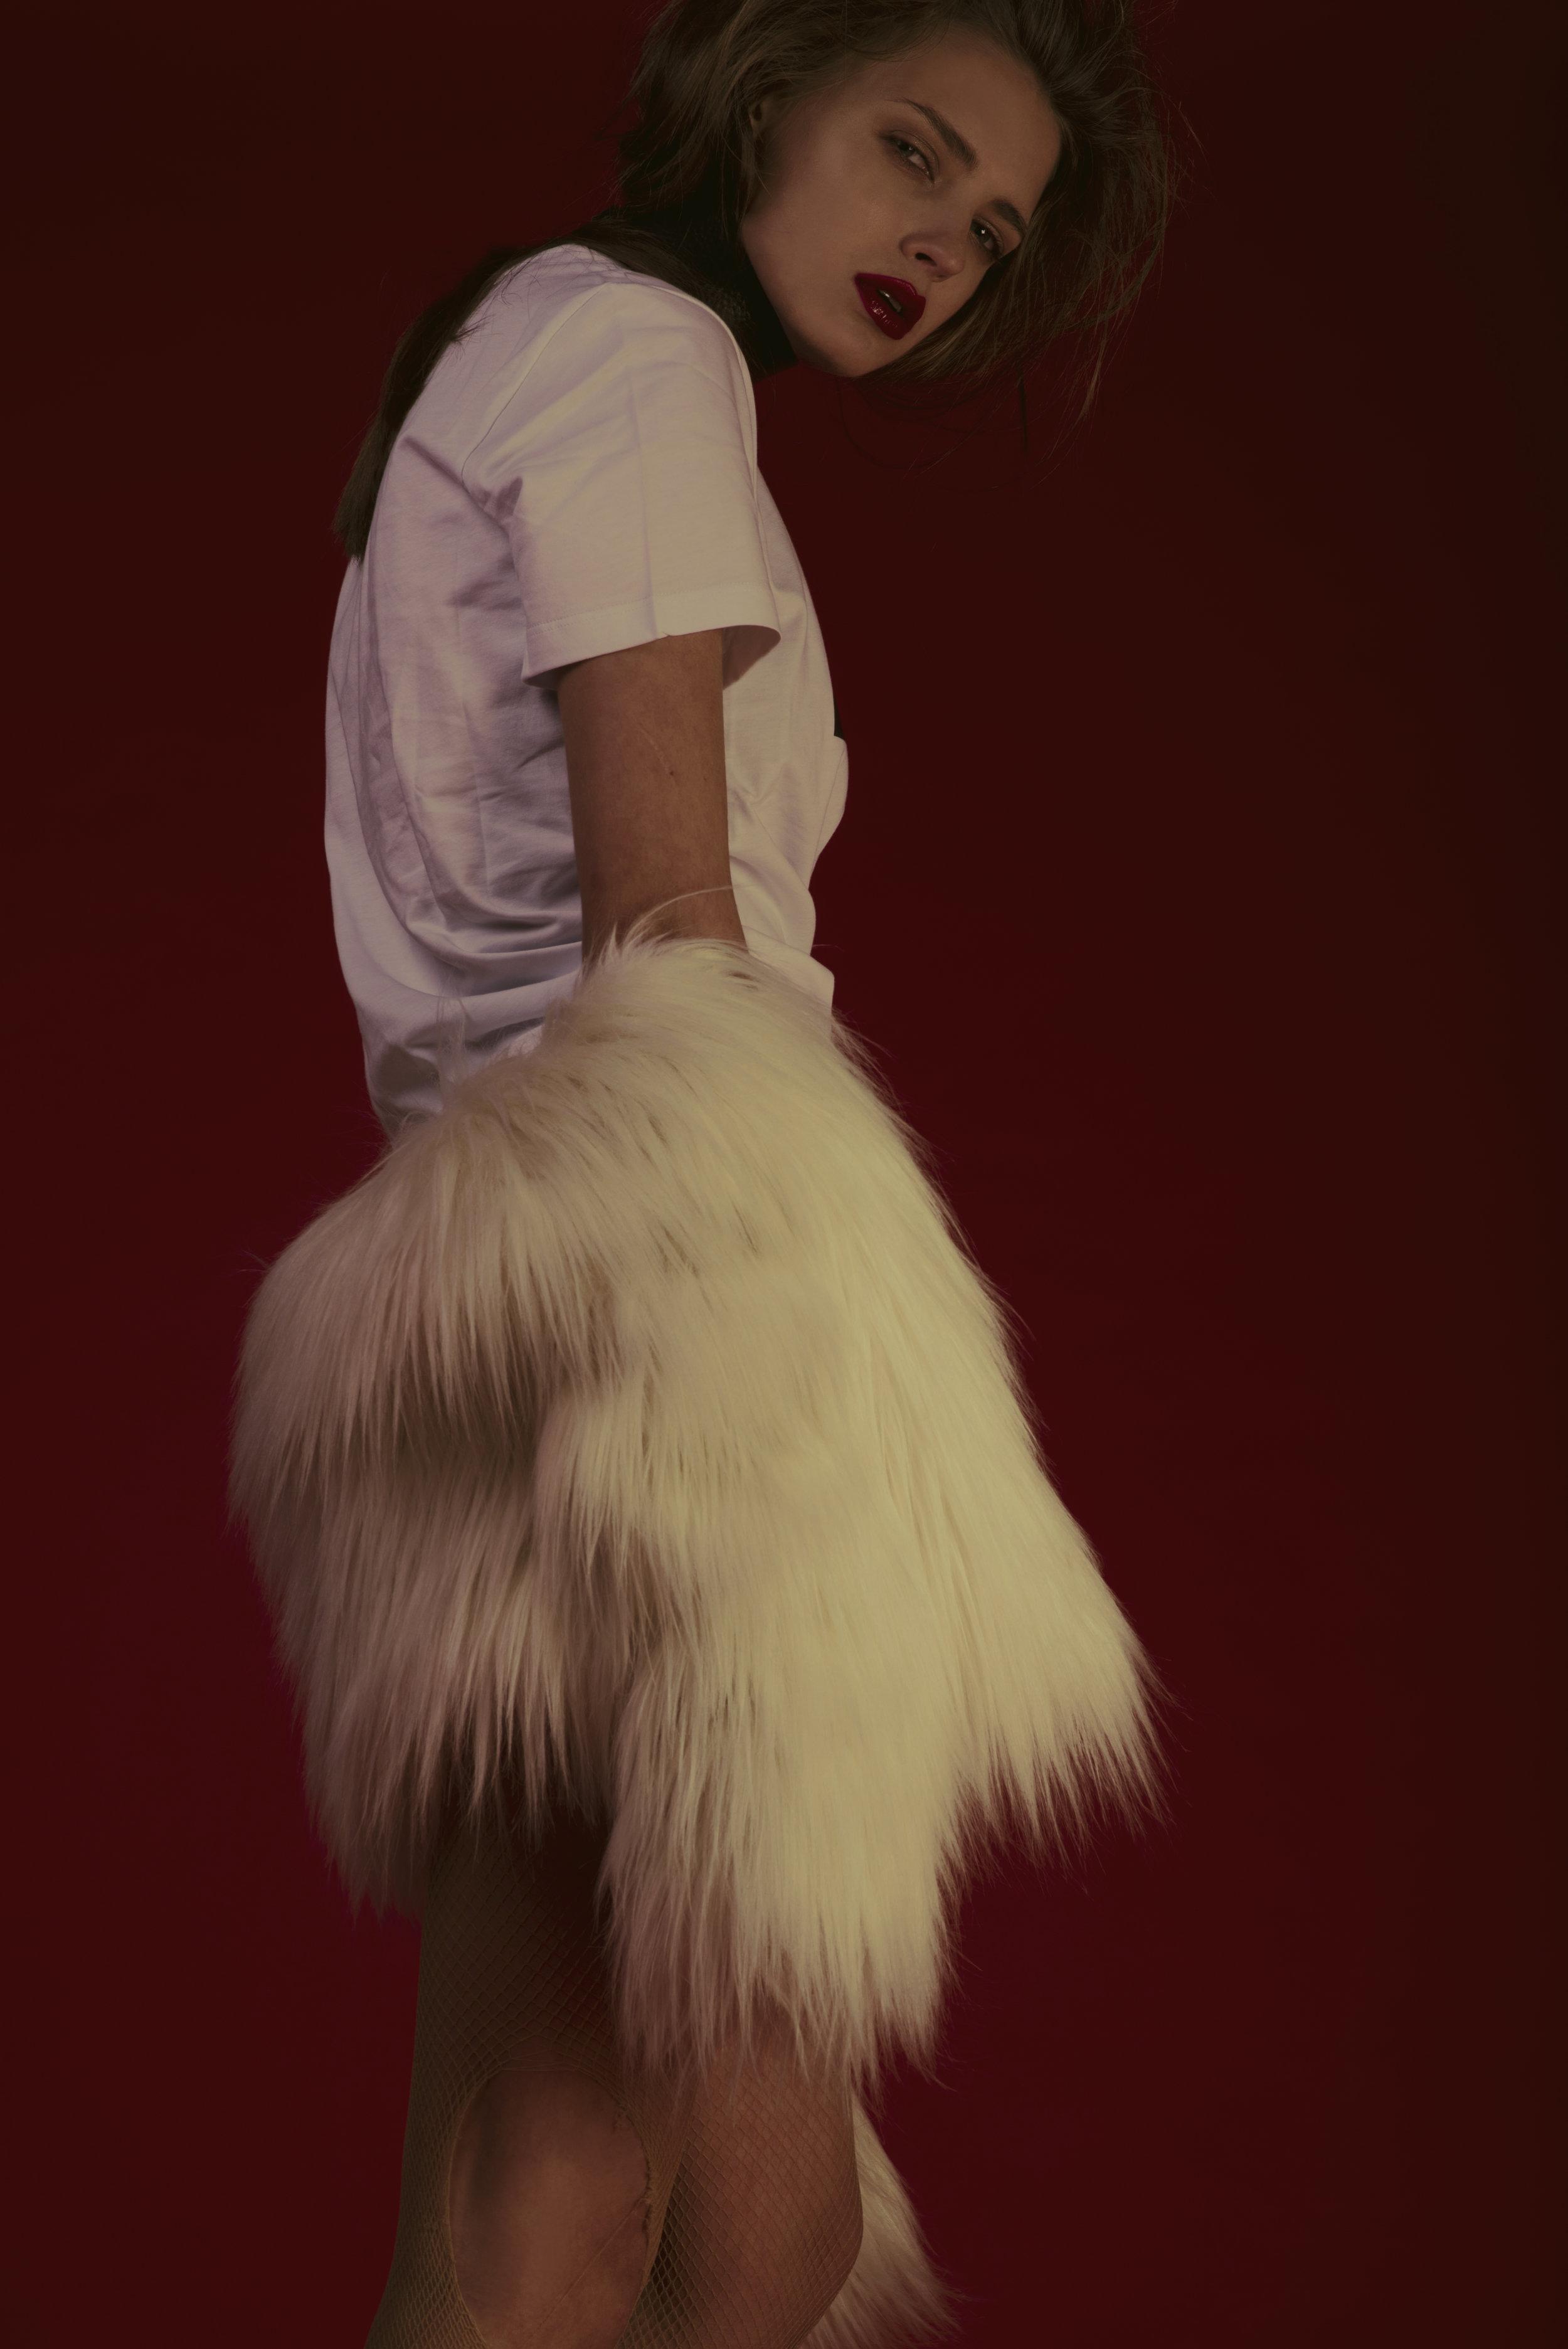 chocker  BLING BLING BY ALISON BIZZI , faux fur  GIAMBA , t-shirt  MSGM,  body INDIVIDUALS, shoes  MM6 MAISON MARTIN MARGIELA